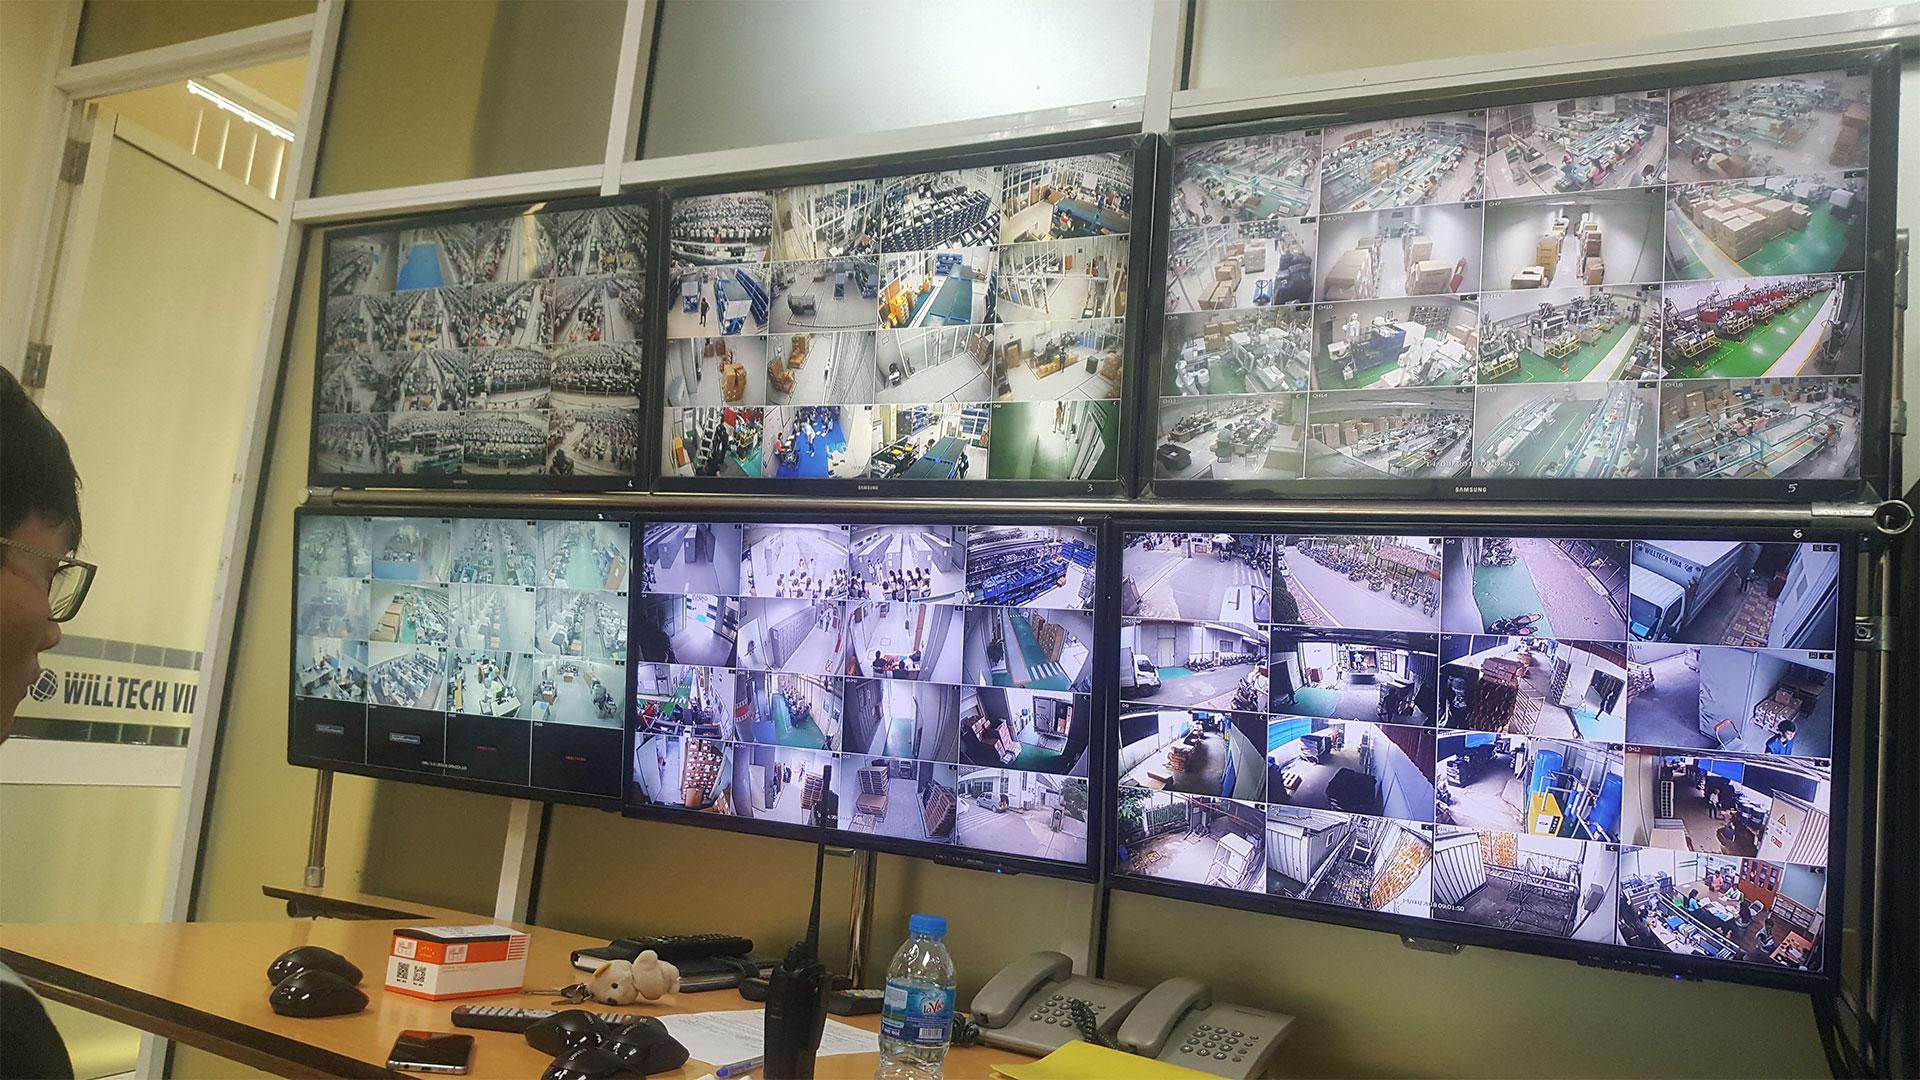 Hệ thống giám sát trung tâm với hệ thống màn hình hiển thị chất lượng và CHI TIẾT